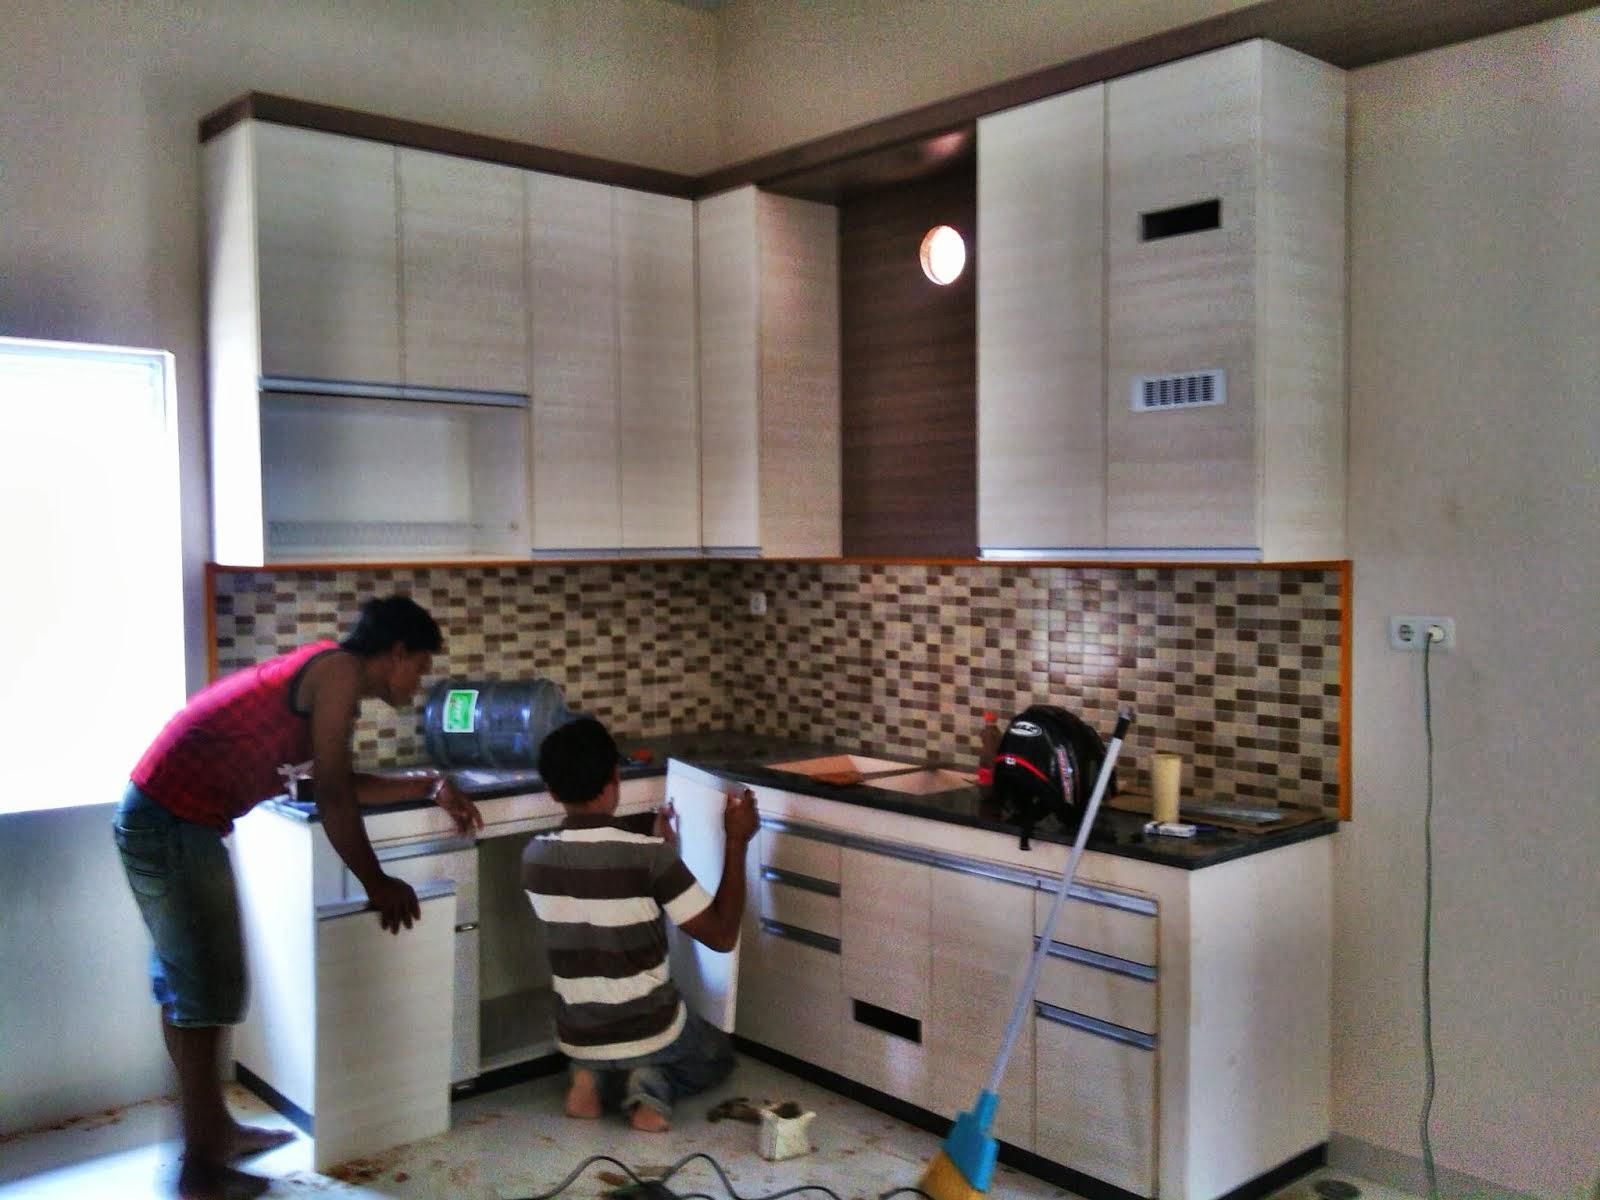 Tfq architects pemasangan kitchen set dijalan sampurna for Pemasangan kitchen set